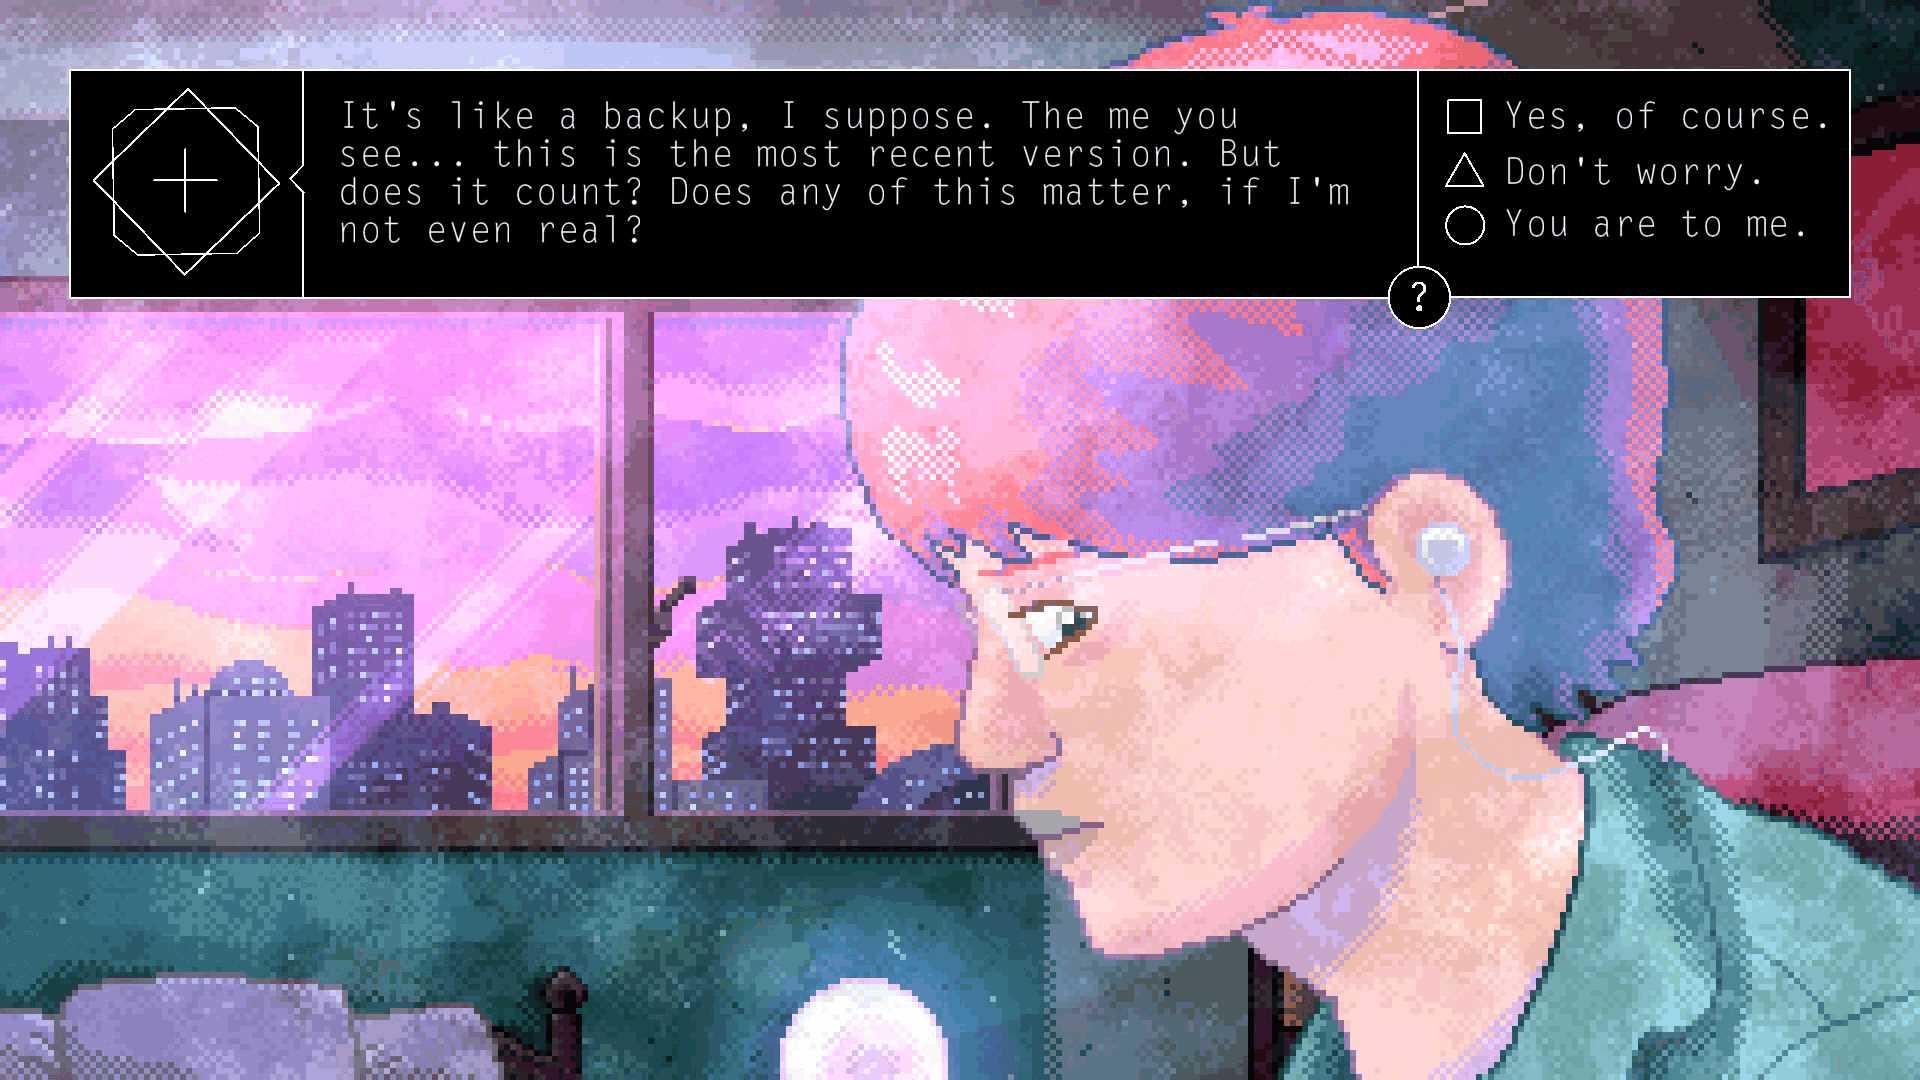 Alone with you dialogue screenshot